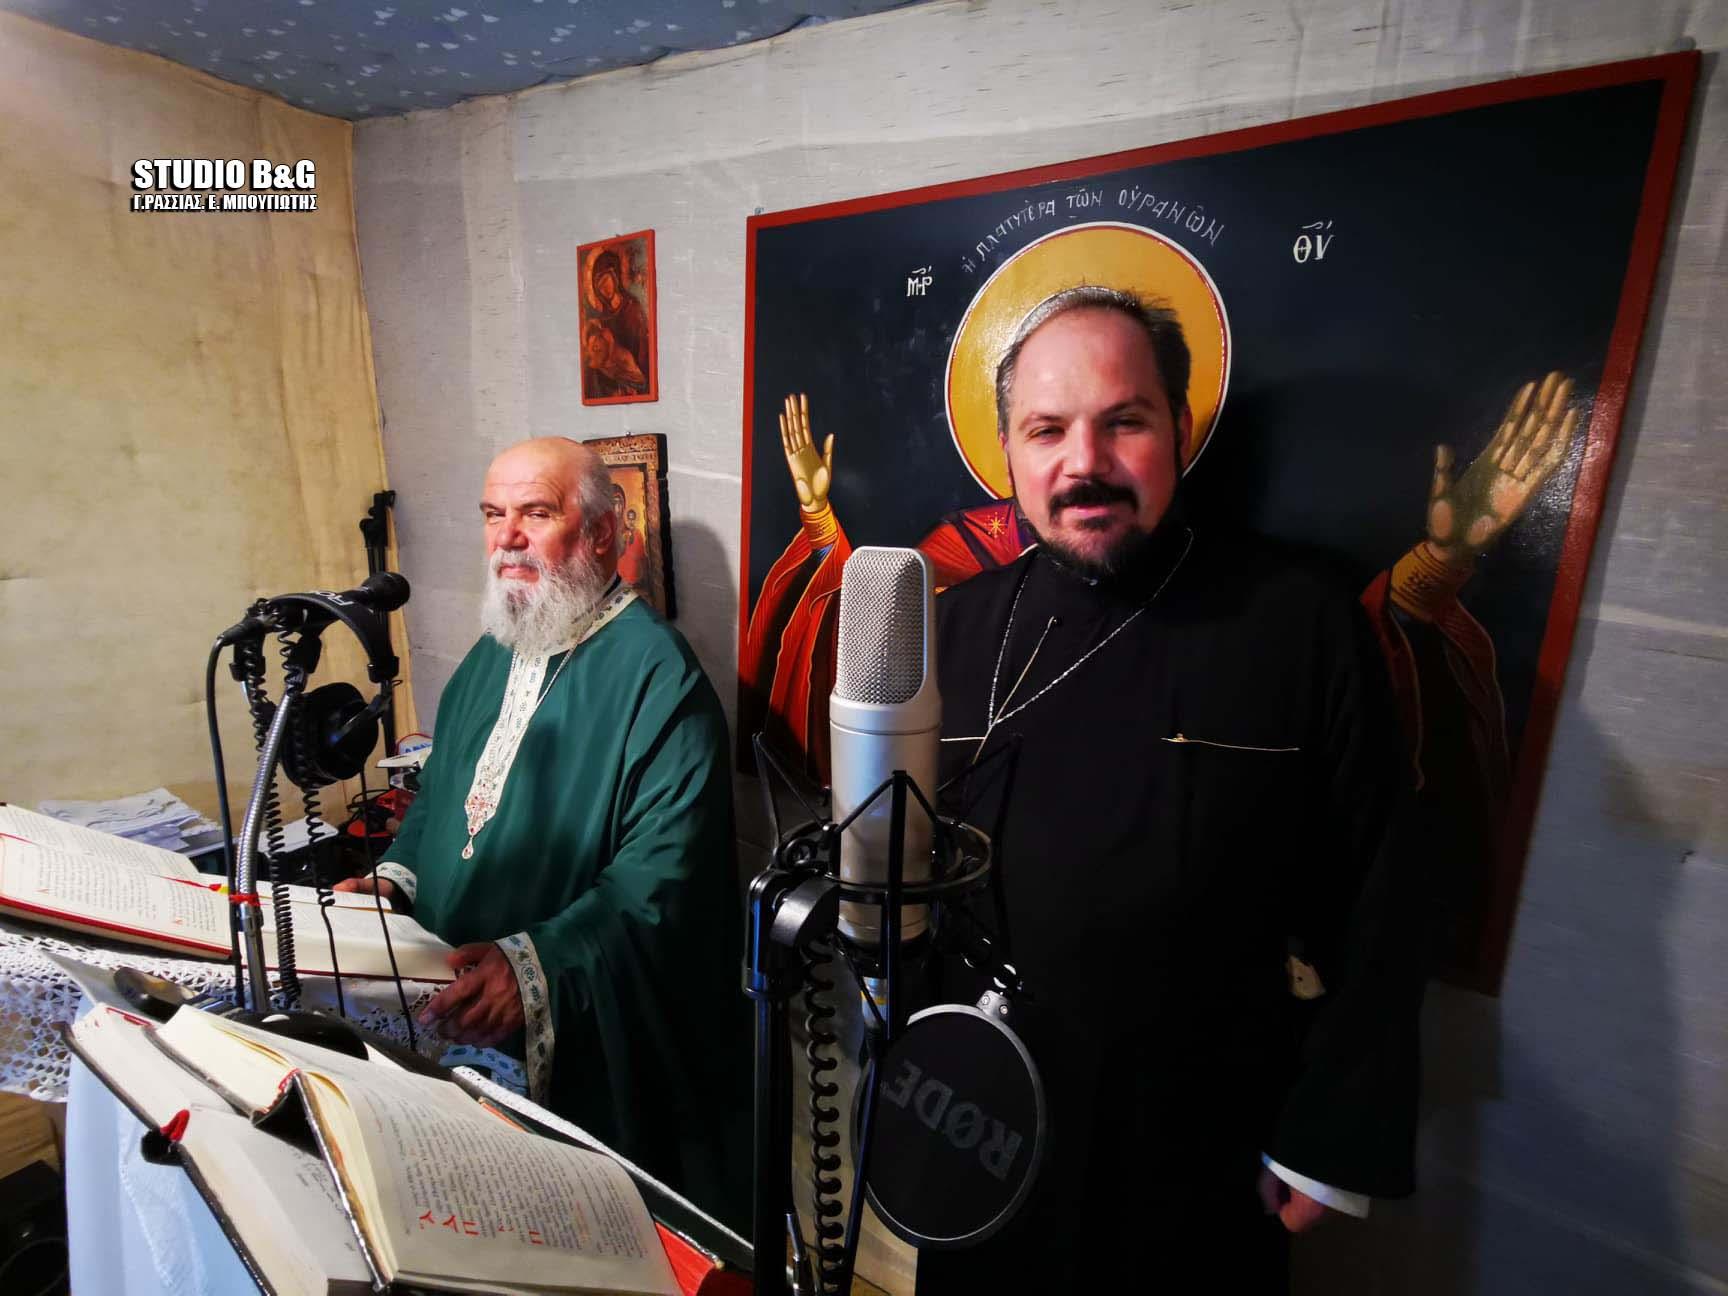 Αργολίδα: Ιερείς έφτιαξαν στούντιο και μεταδίδουν διαδικτυακά τον εσπερινό της Κυριακής (pics, vid)